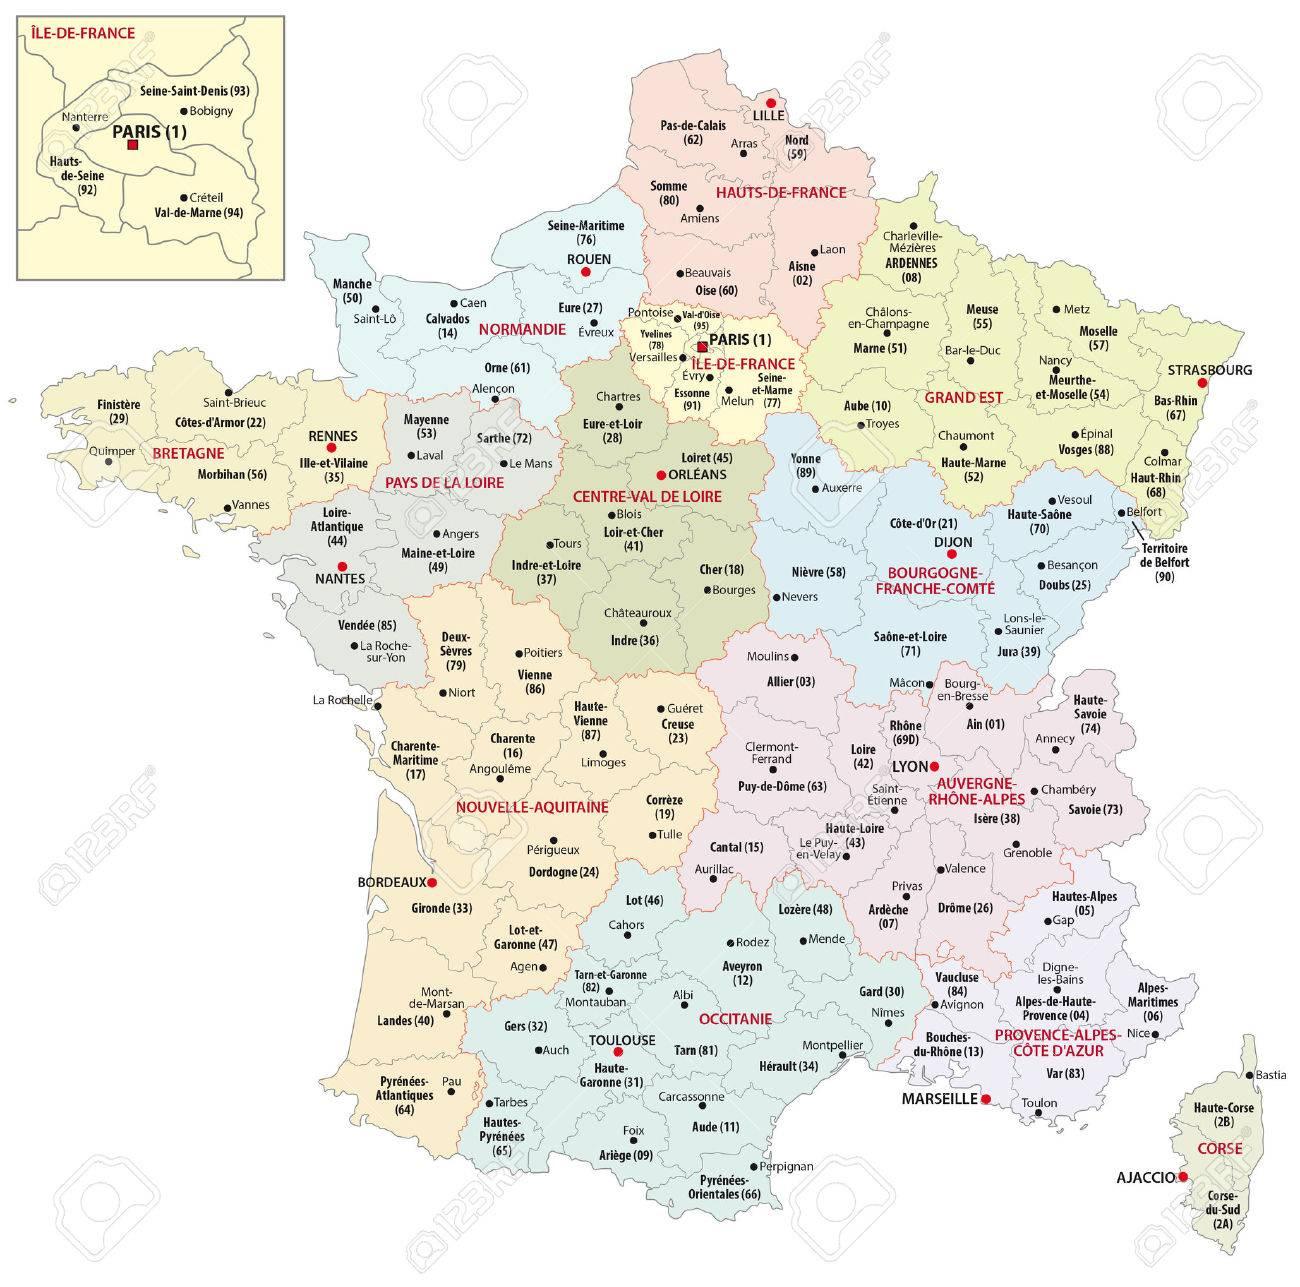 Carte Administrative Des 13 Régions De France Depuis 2016 à Carte Des Régions De France 2016